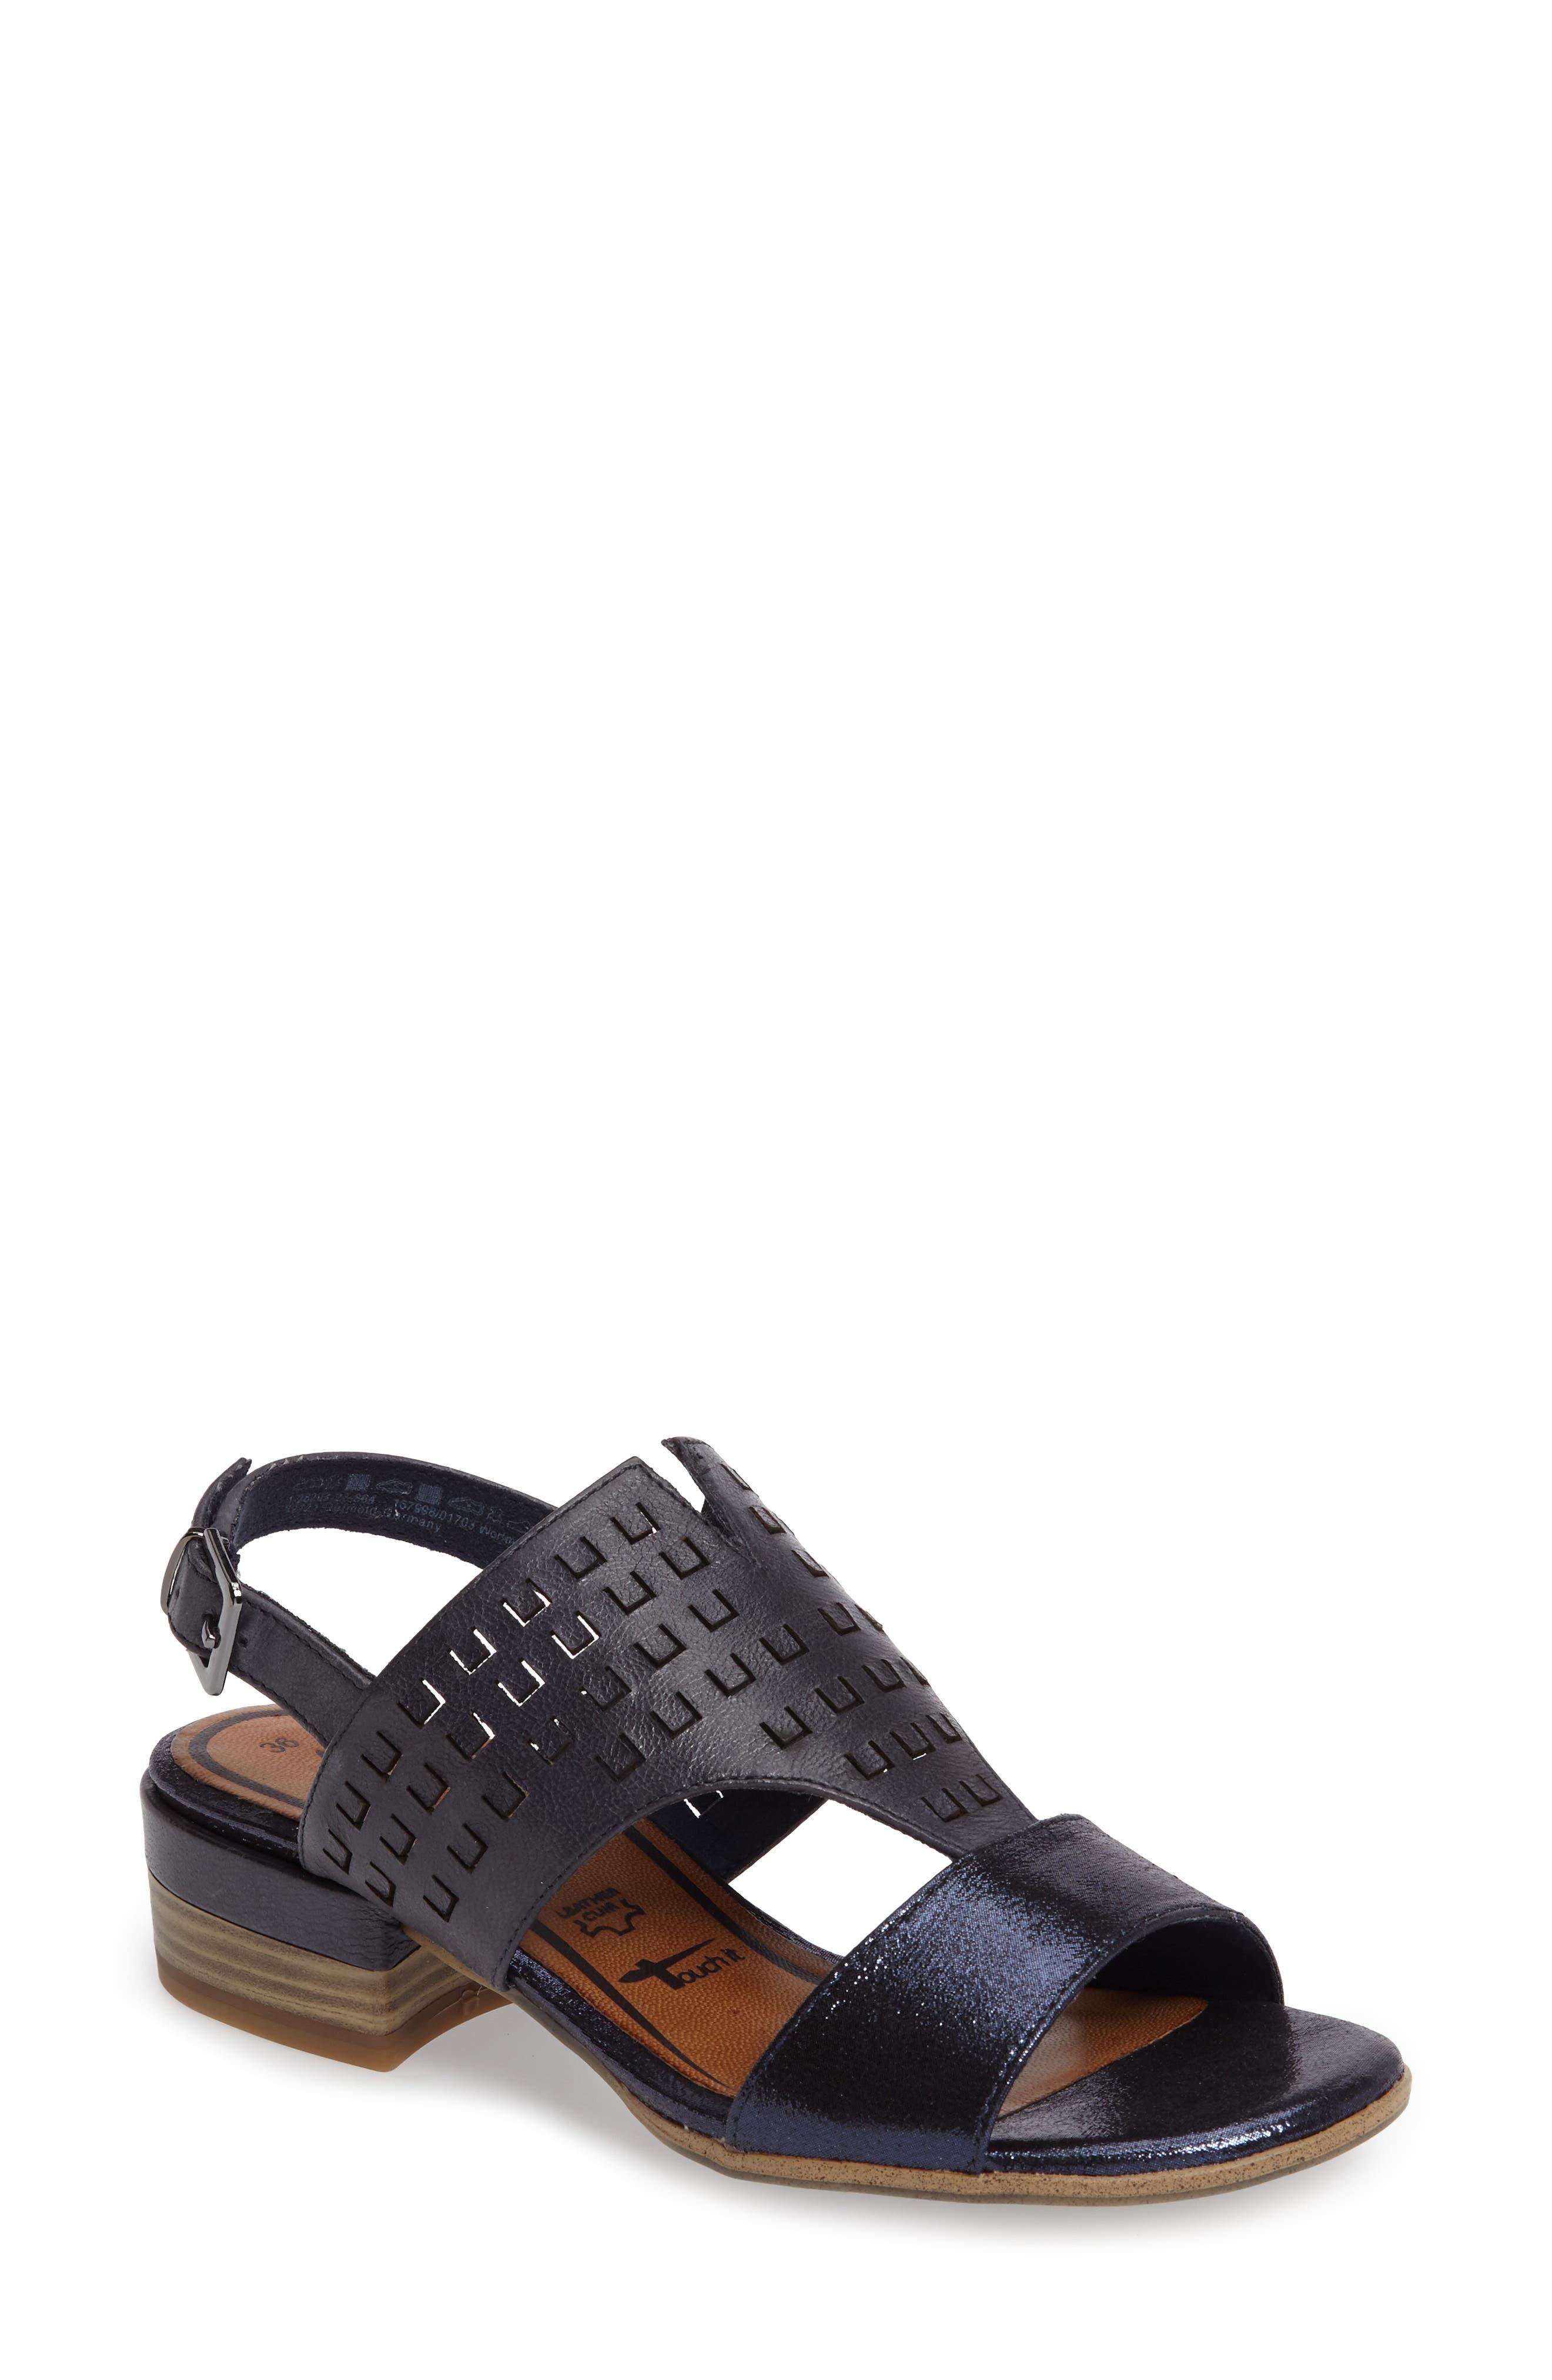 Tamaris Nao Perforated Sandal (Women)